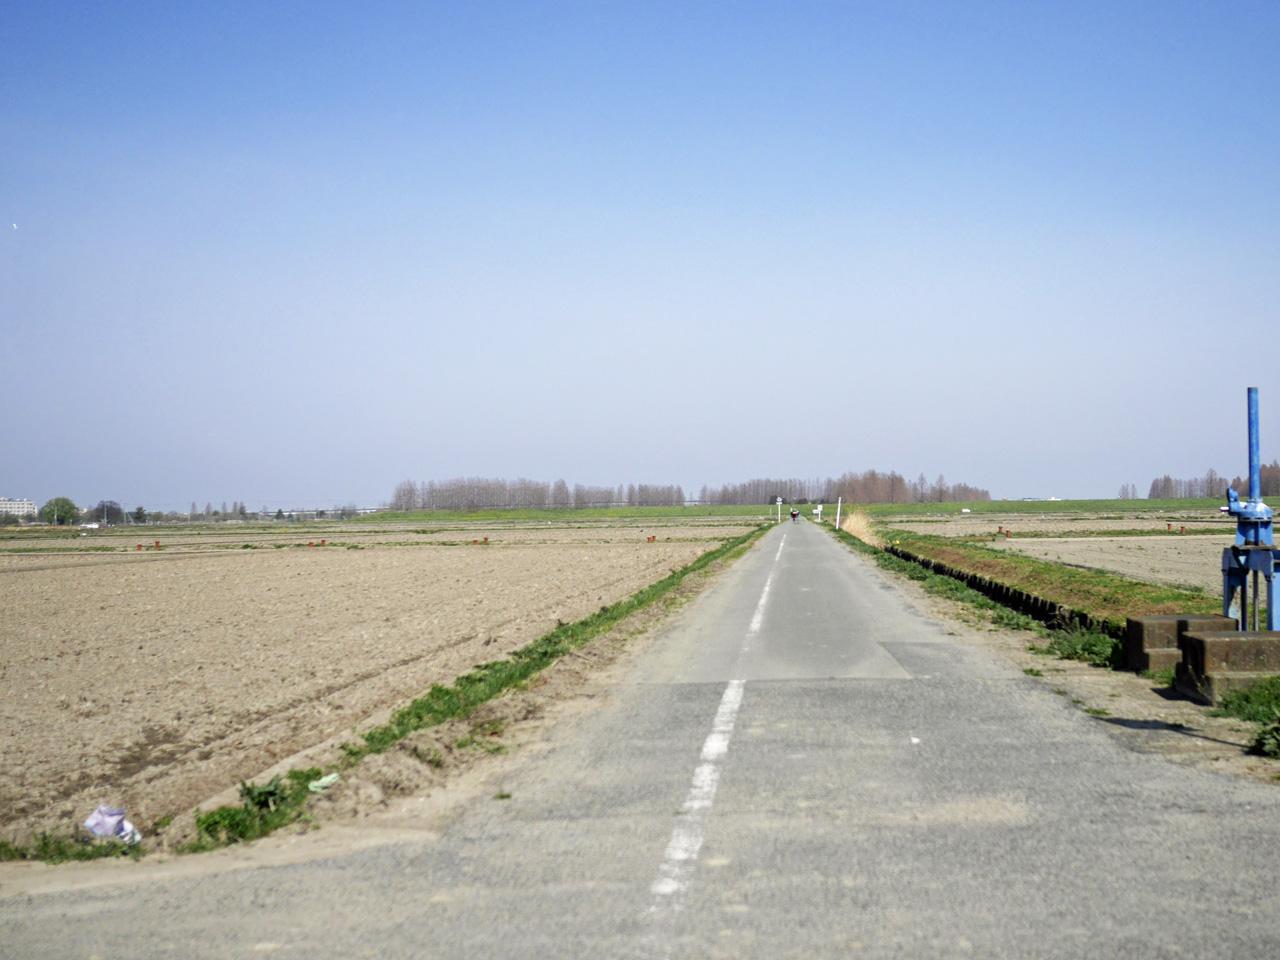 春霞が立つ荒川総合運動公園北の畑の中を進む